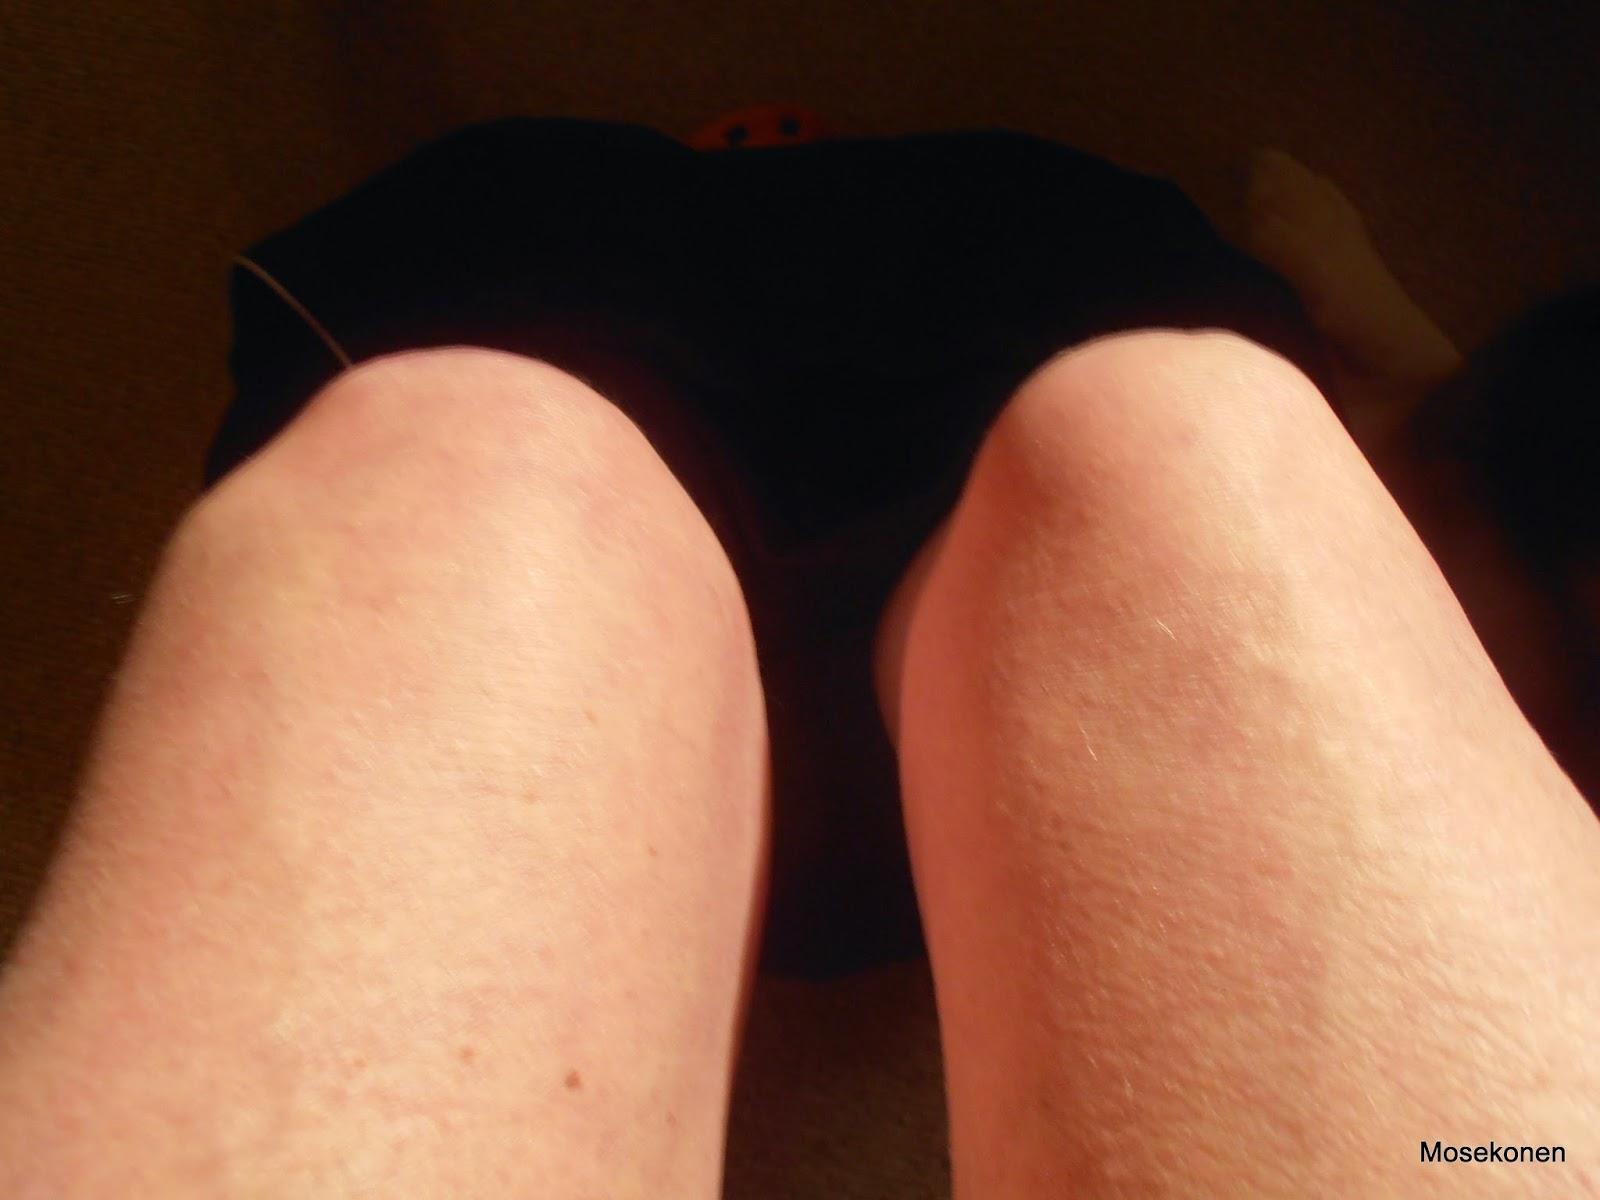 dårligt knæ